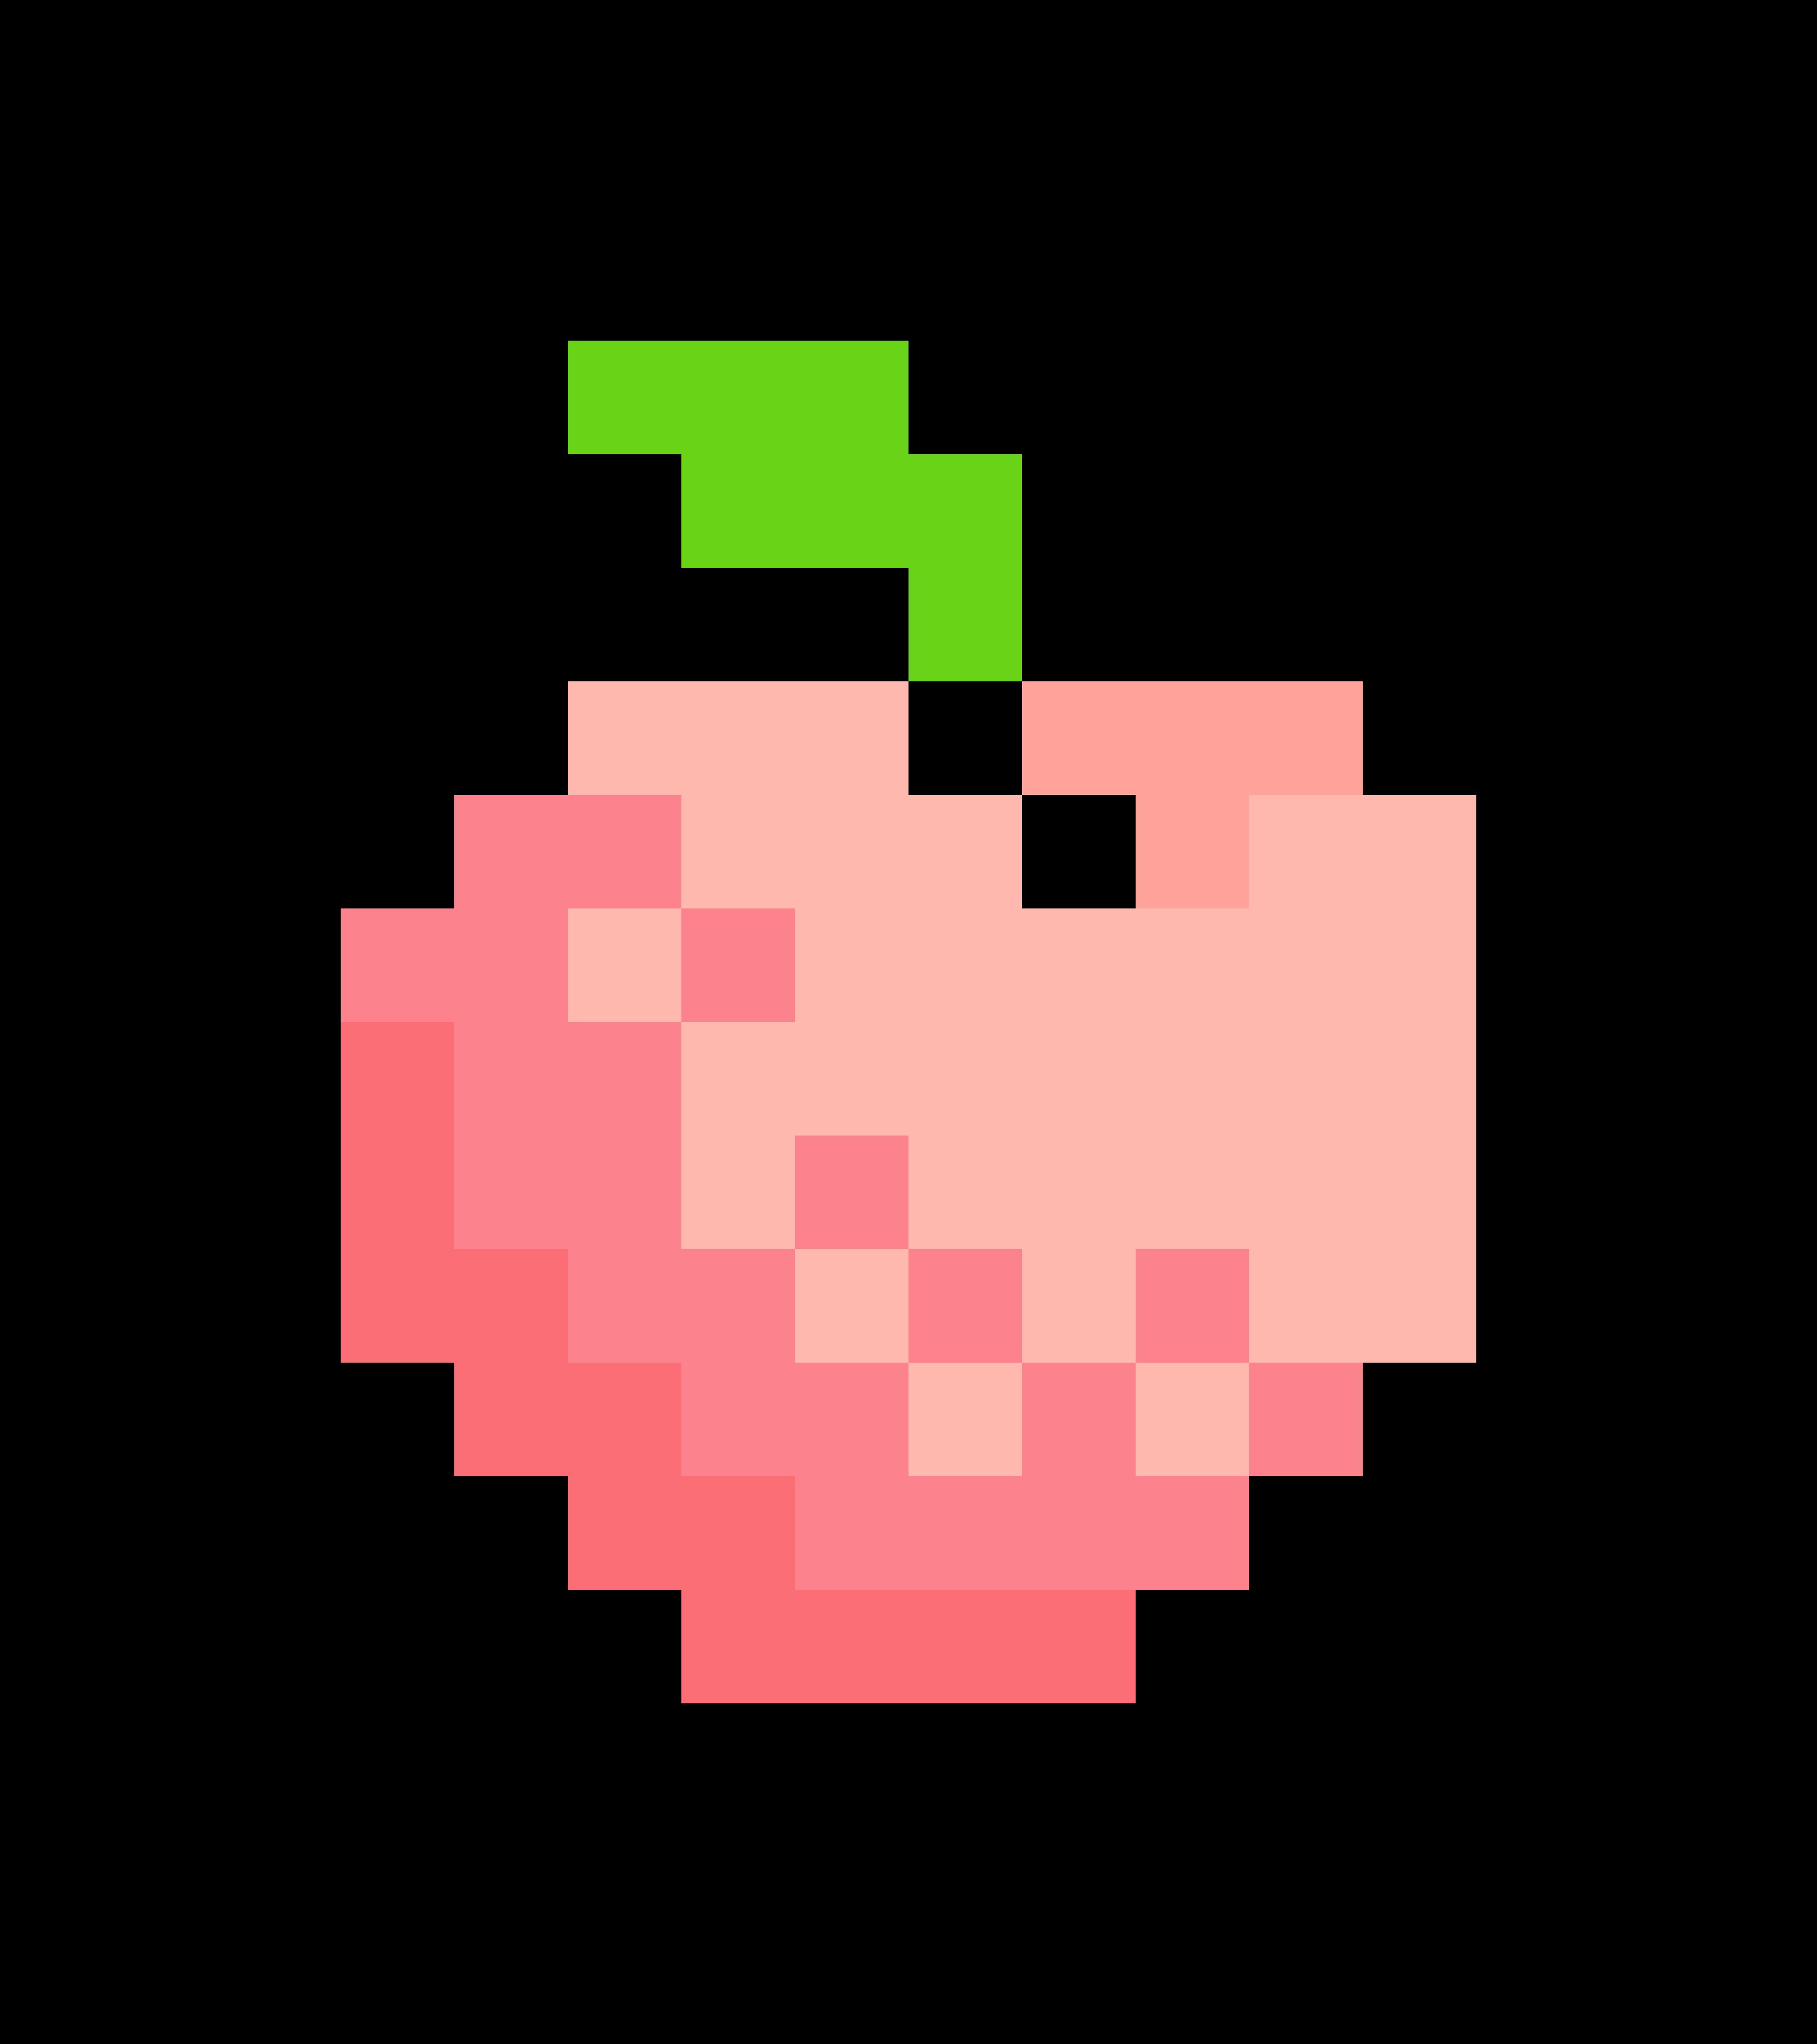 Peach Pixel Art Maker